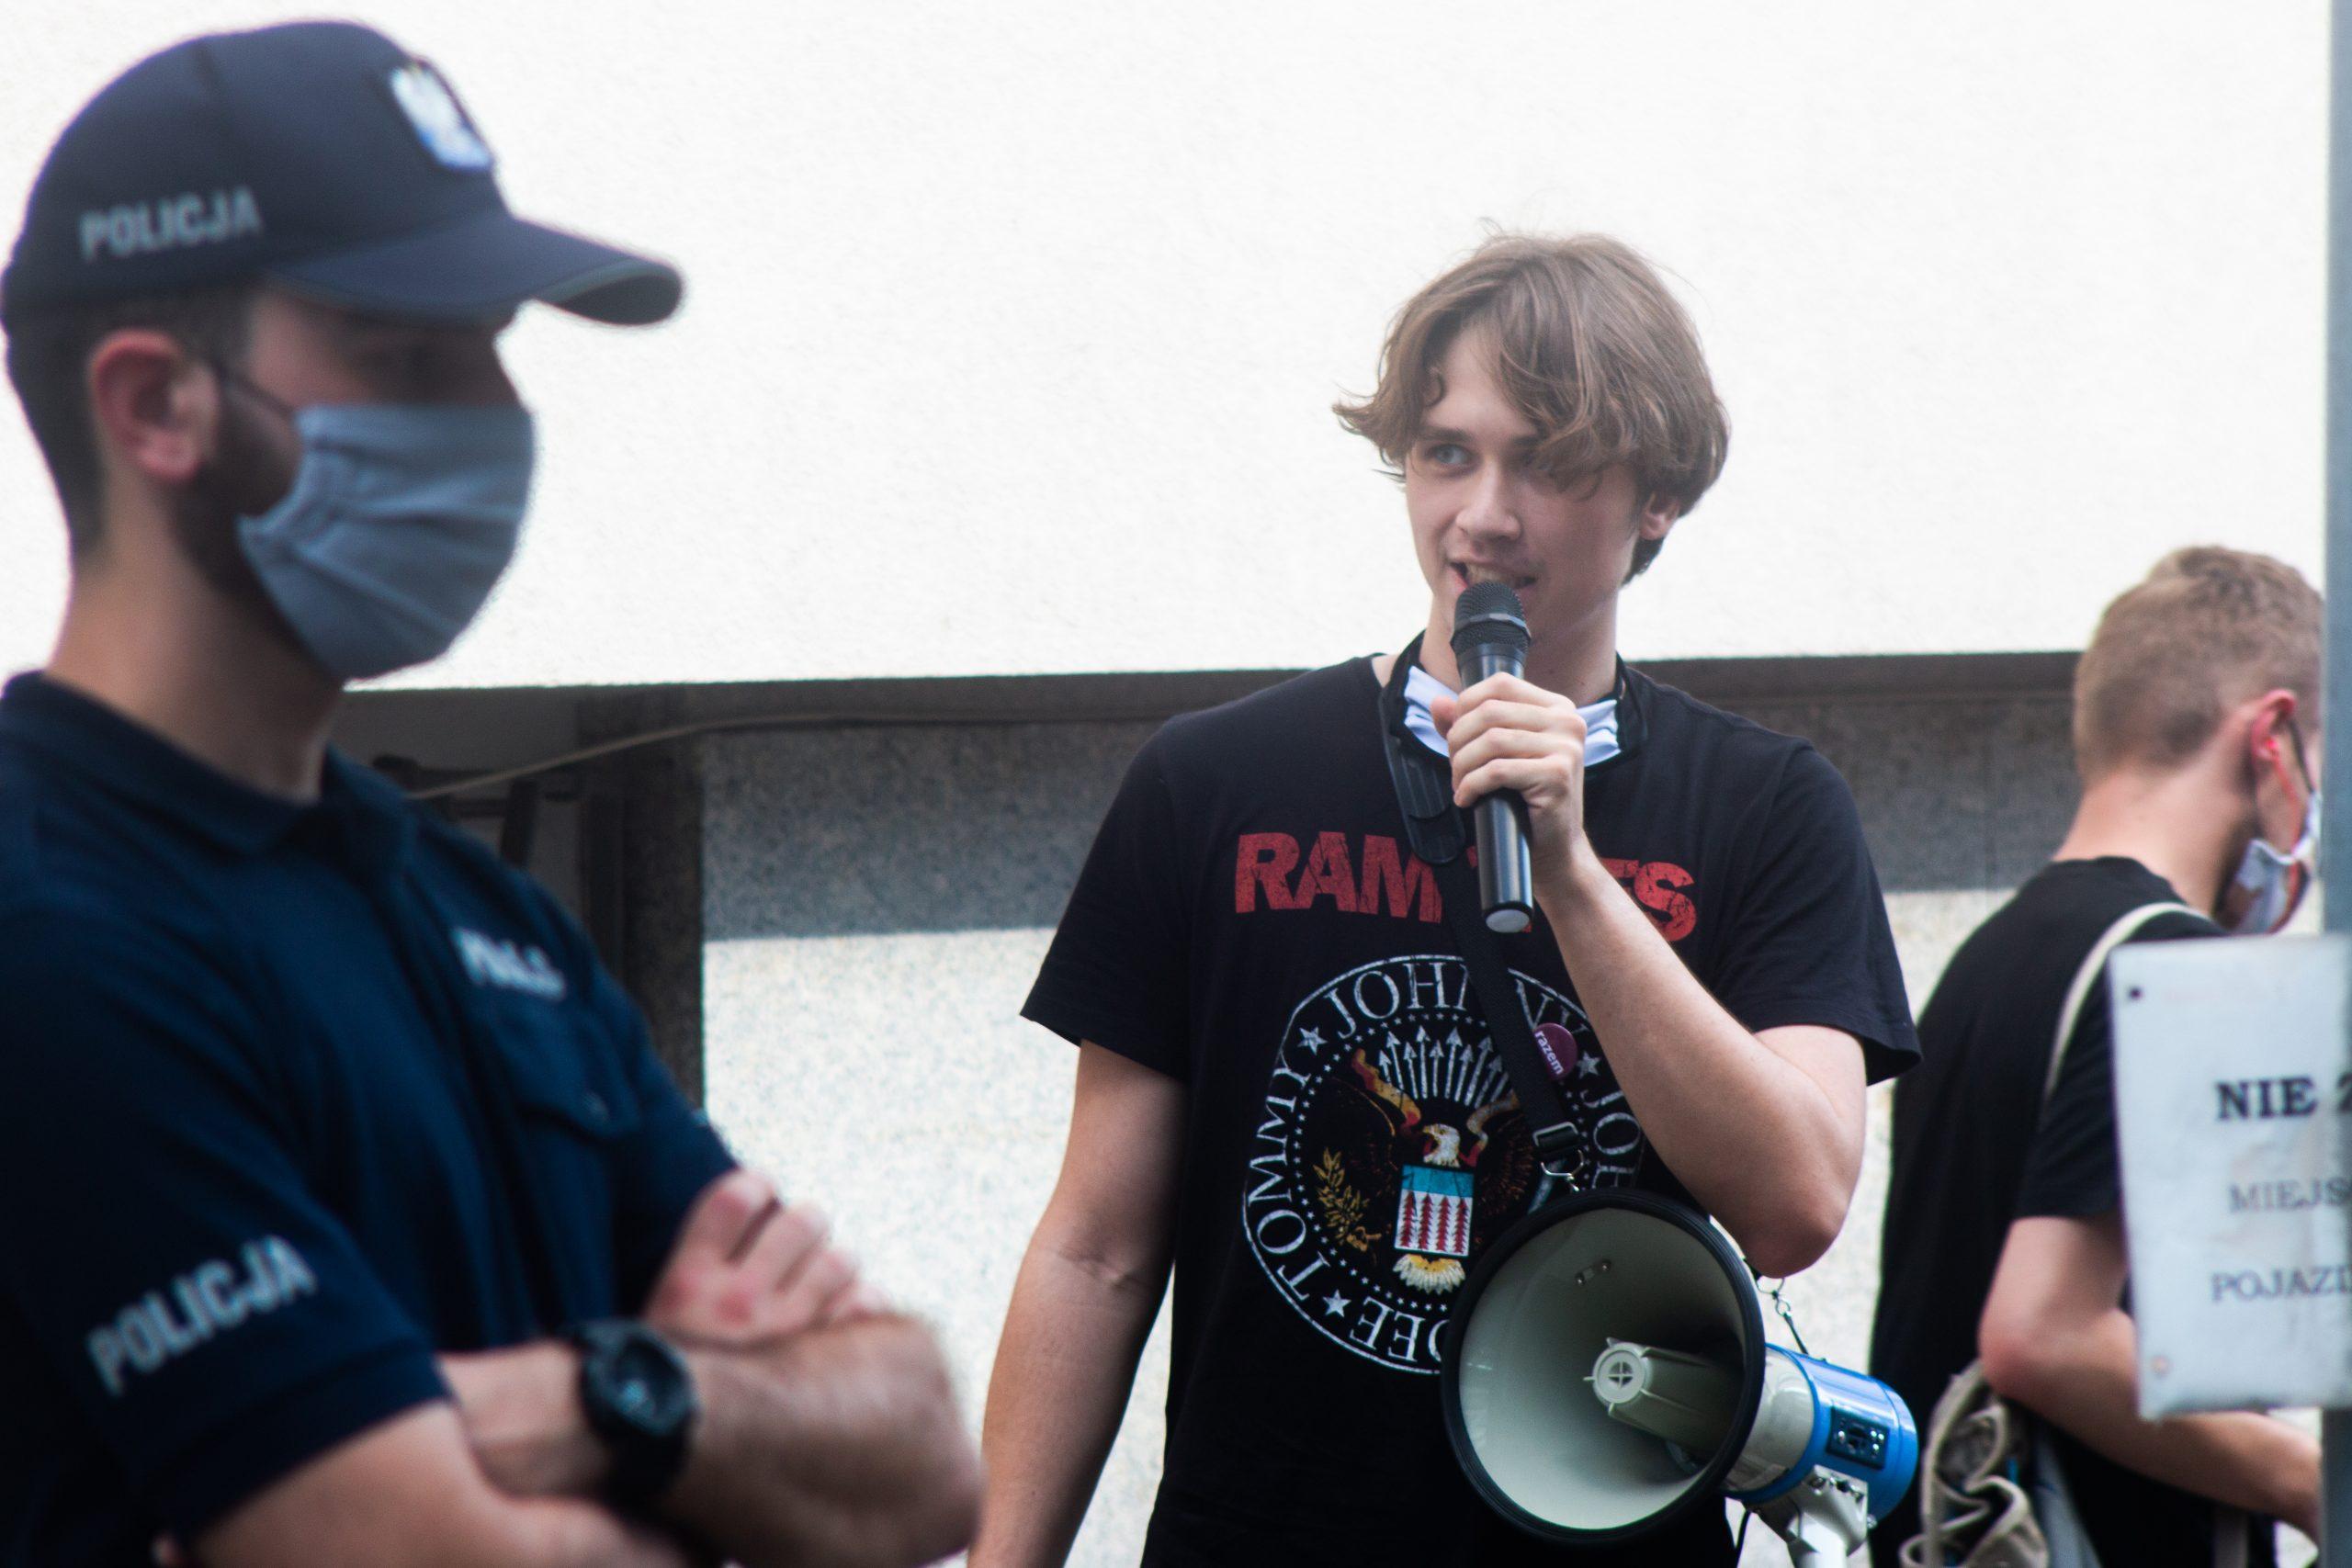 Młodzi ludzie wyszli na ulice polskich miast, by mówić o brutalności i bezkarności polskiej policji